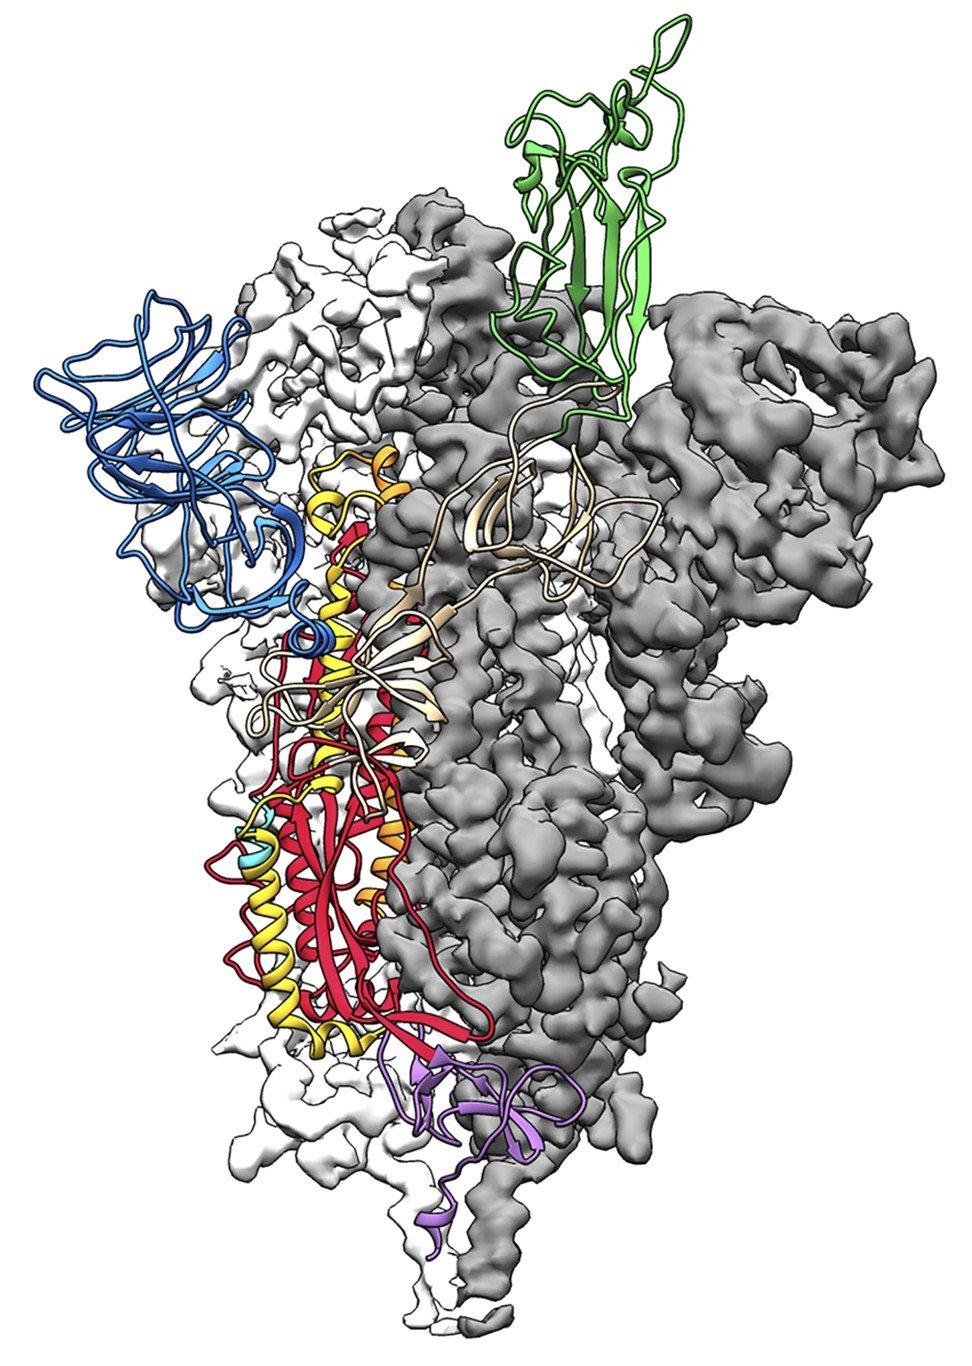 Bản đồ tỷ lệ nguyên tử 3D, hoặc cấu trúc phân tử, của protein tăng đột biến 2019-nCoV - Ảnh: AFP